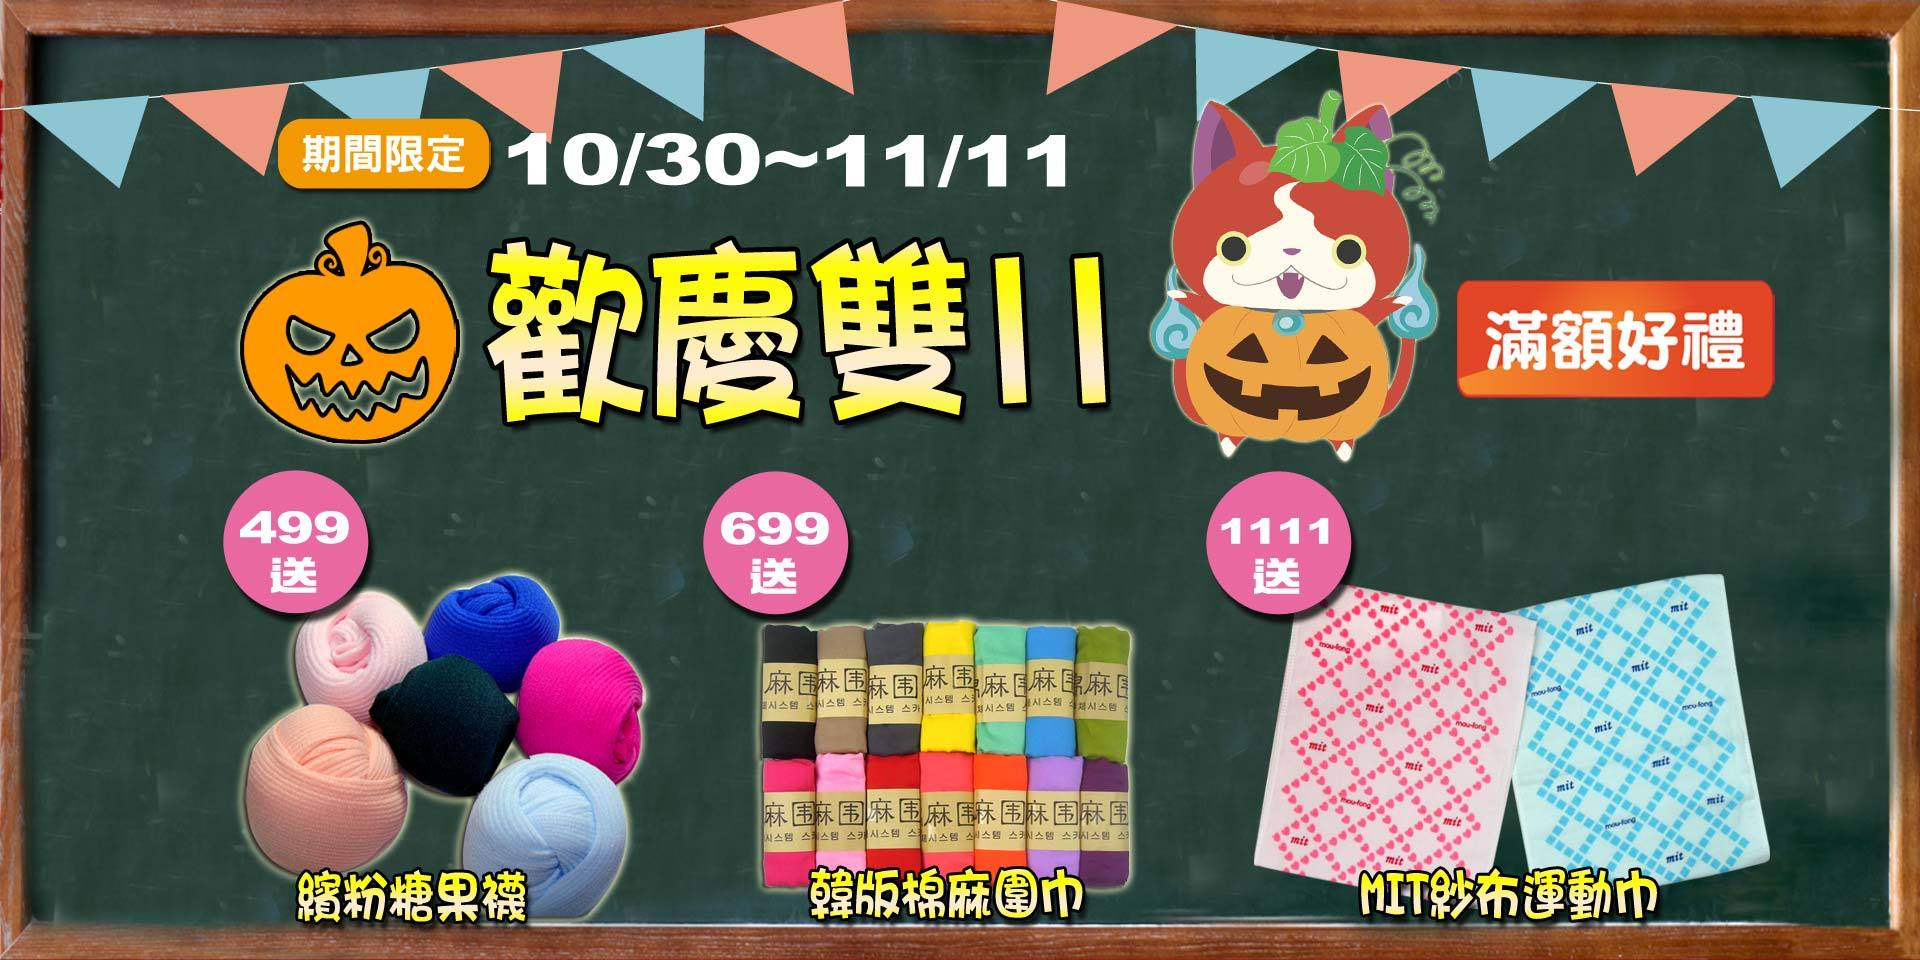 歡慶雙11~滿499元送糖果襪、滿699送棉麻圍巾、滿1111送台灣製紗布運動巾!